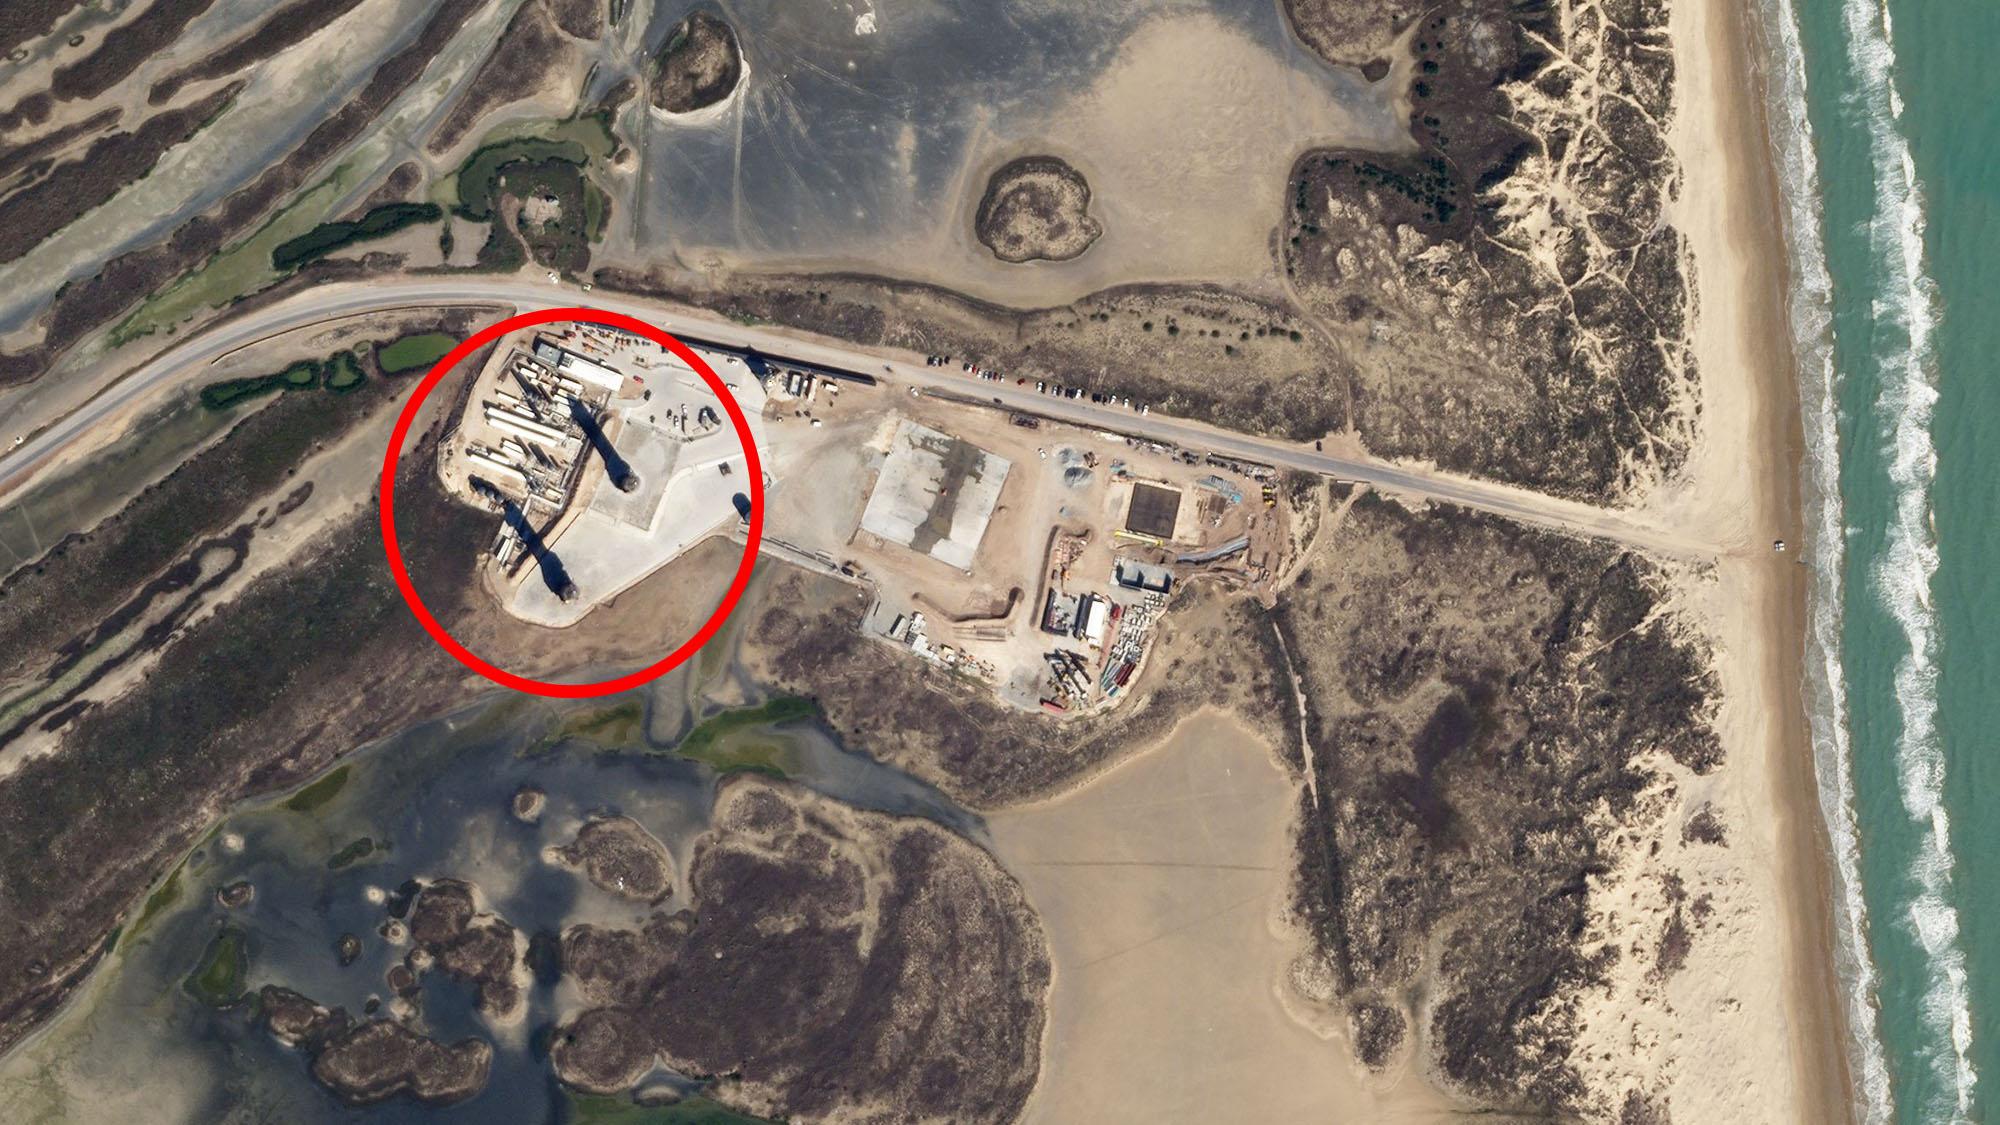 Les prototypes Starship SN9 et SN10 de SpaceX sont vus de l'espace sur cette image à partir d'un satellite SkySat.